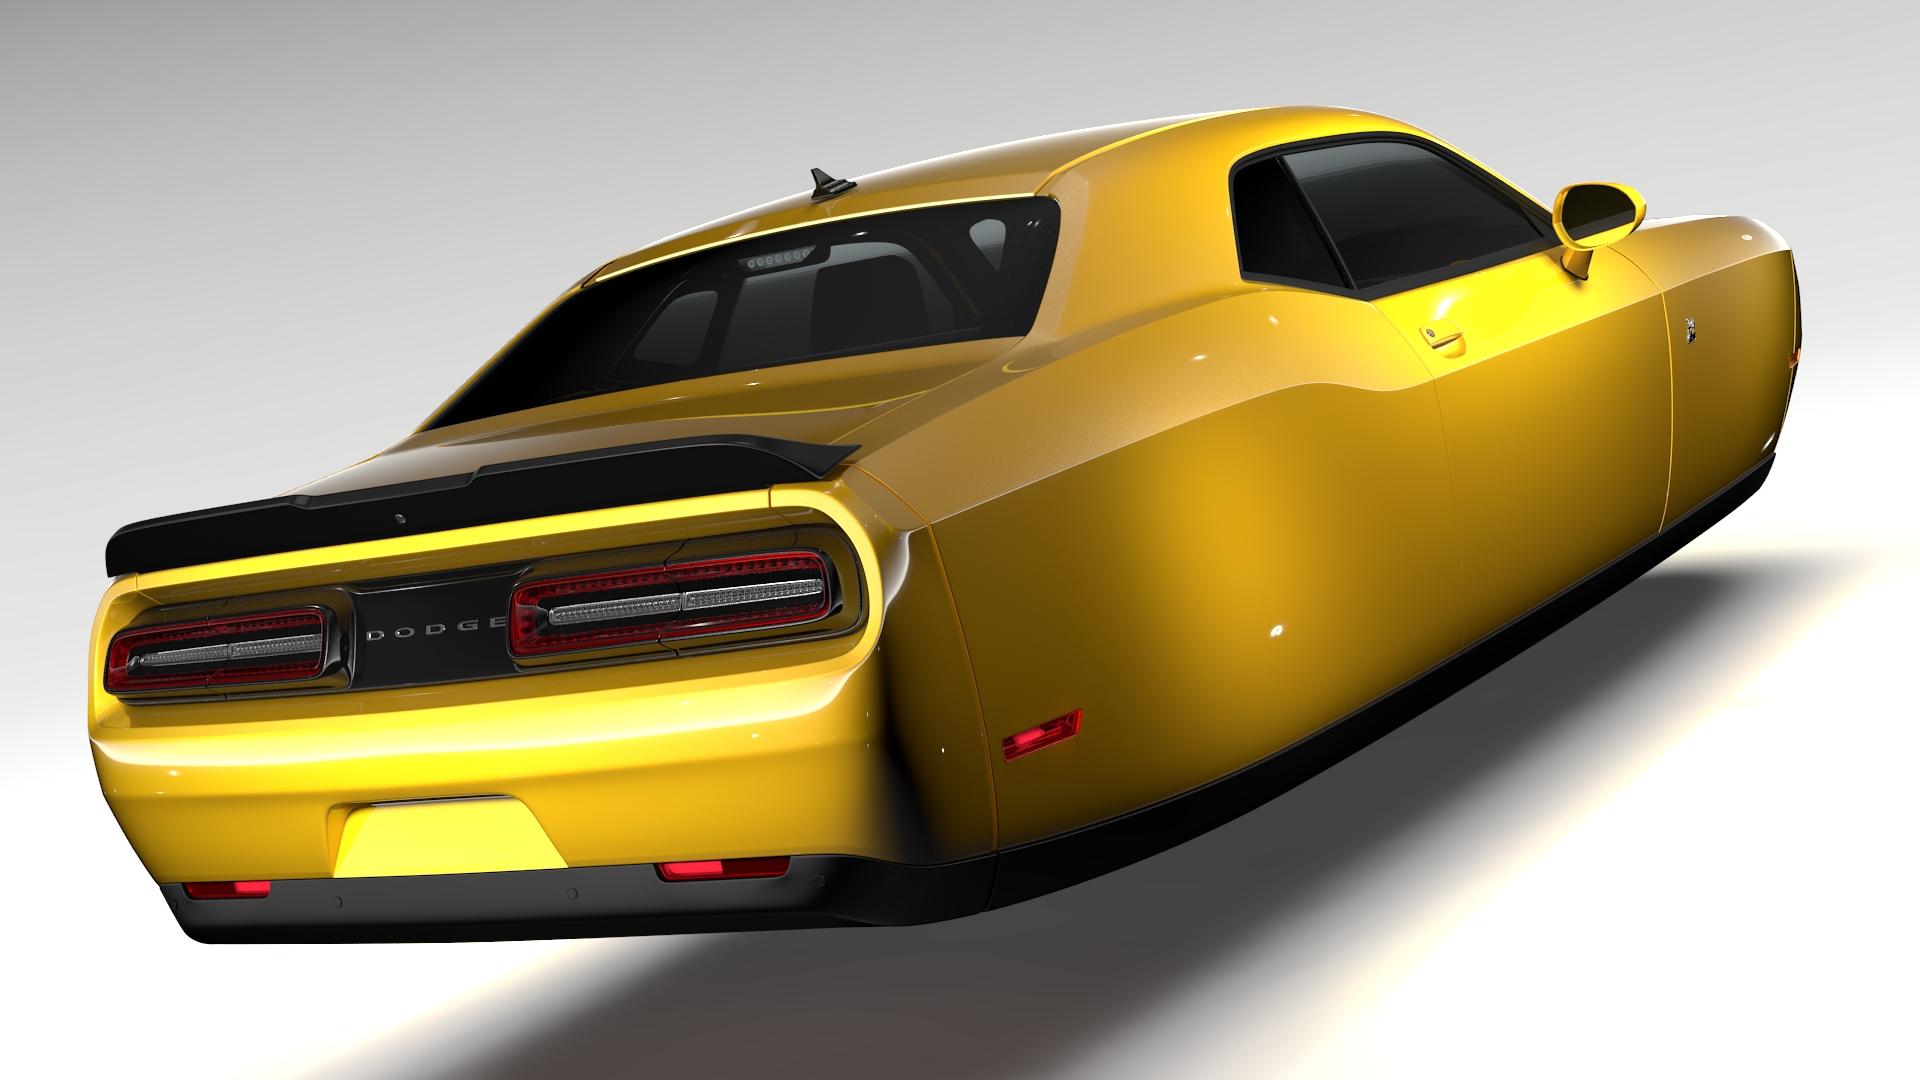 Dodge Challenger 392 shaker (lc) 2016 yn hedfan model 3d 3ds max fbx c4d ar gyfer yr hrc xsi obj 220602